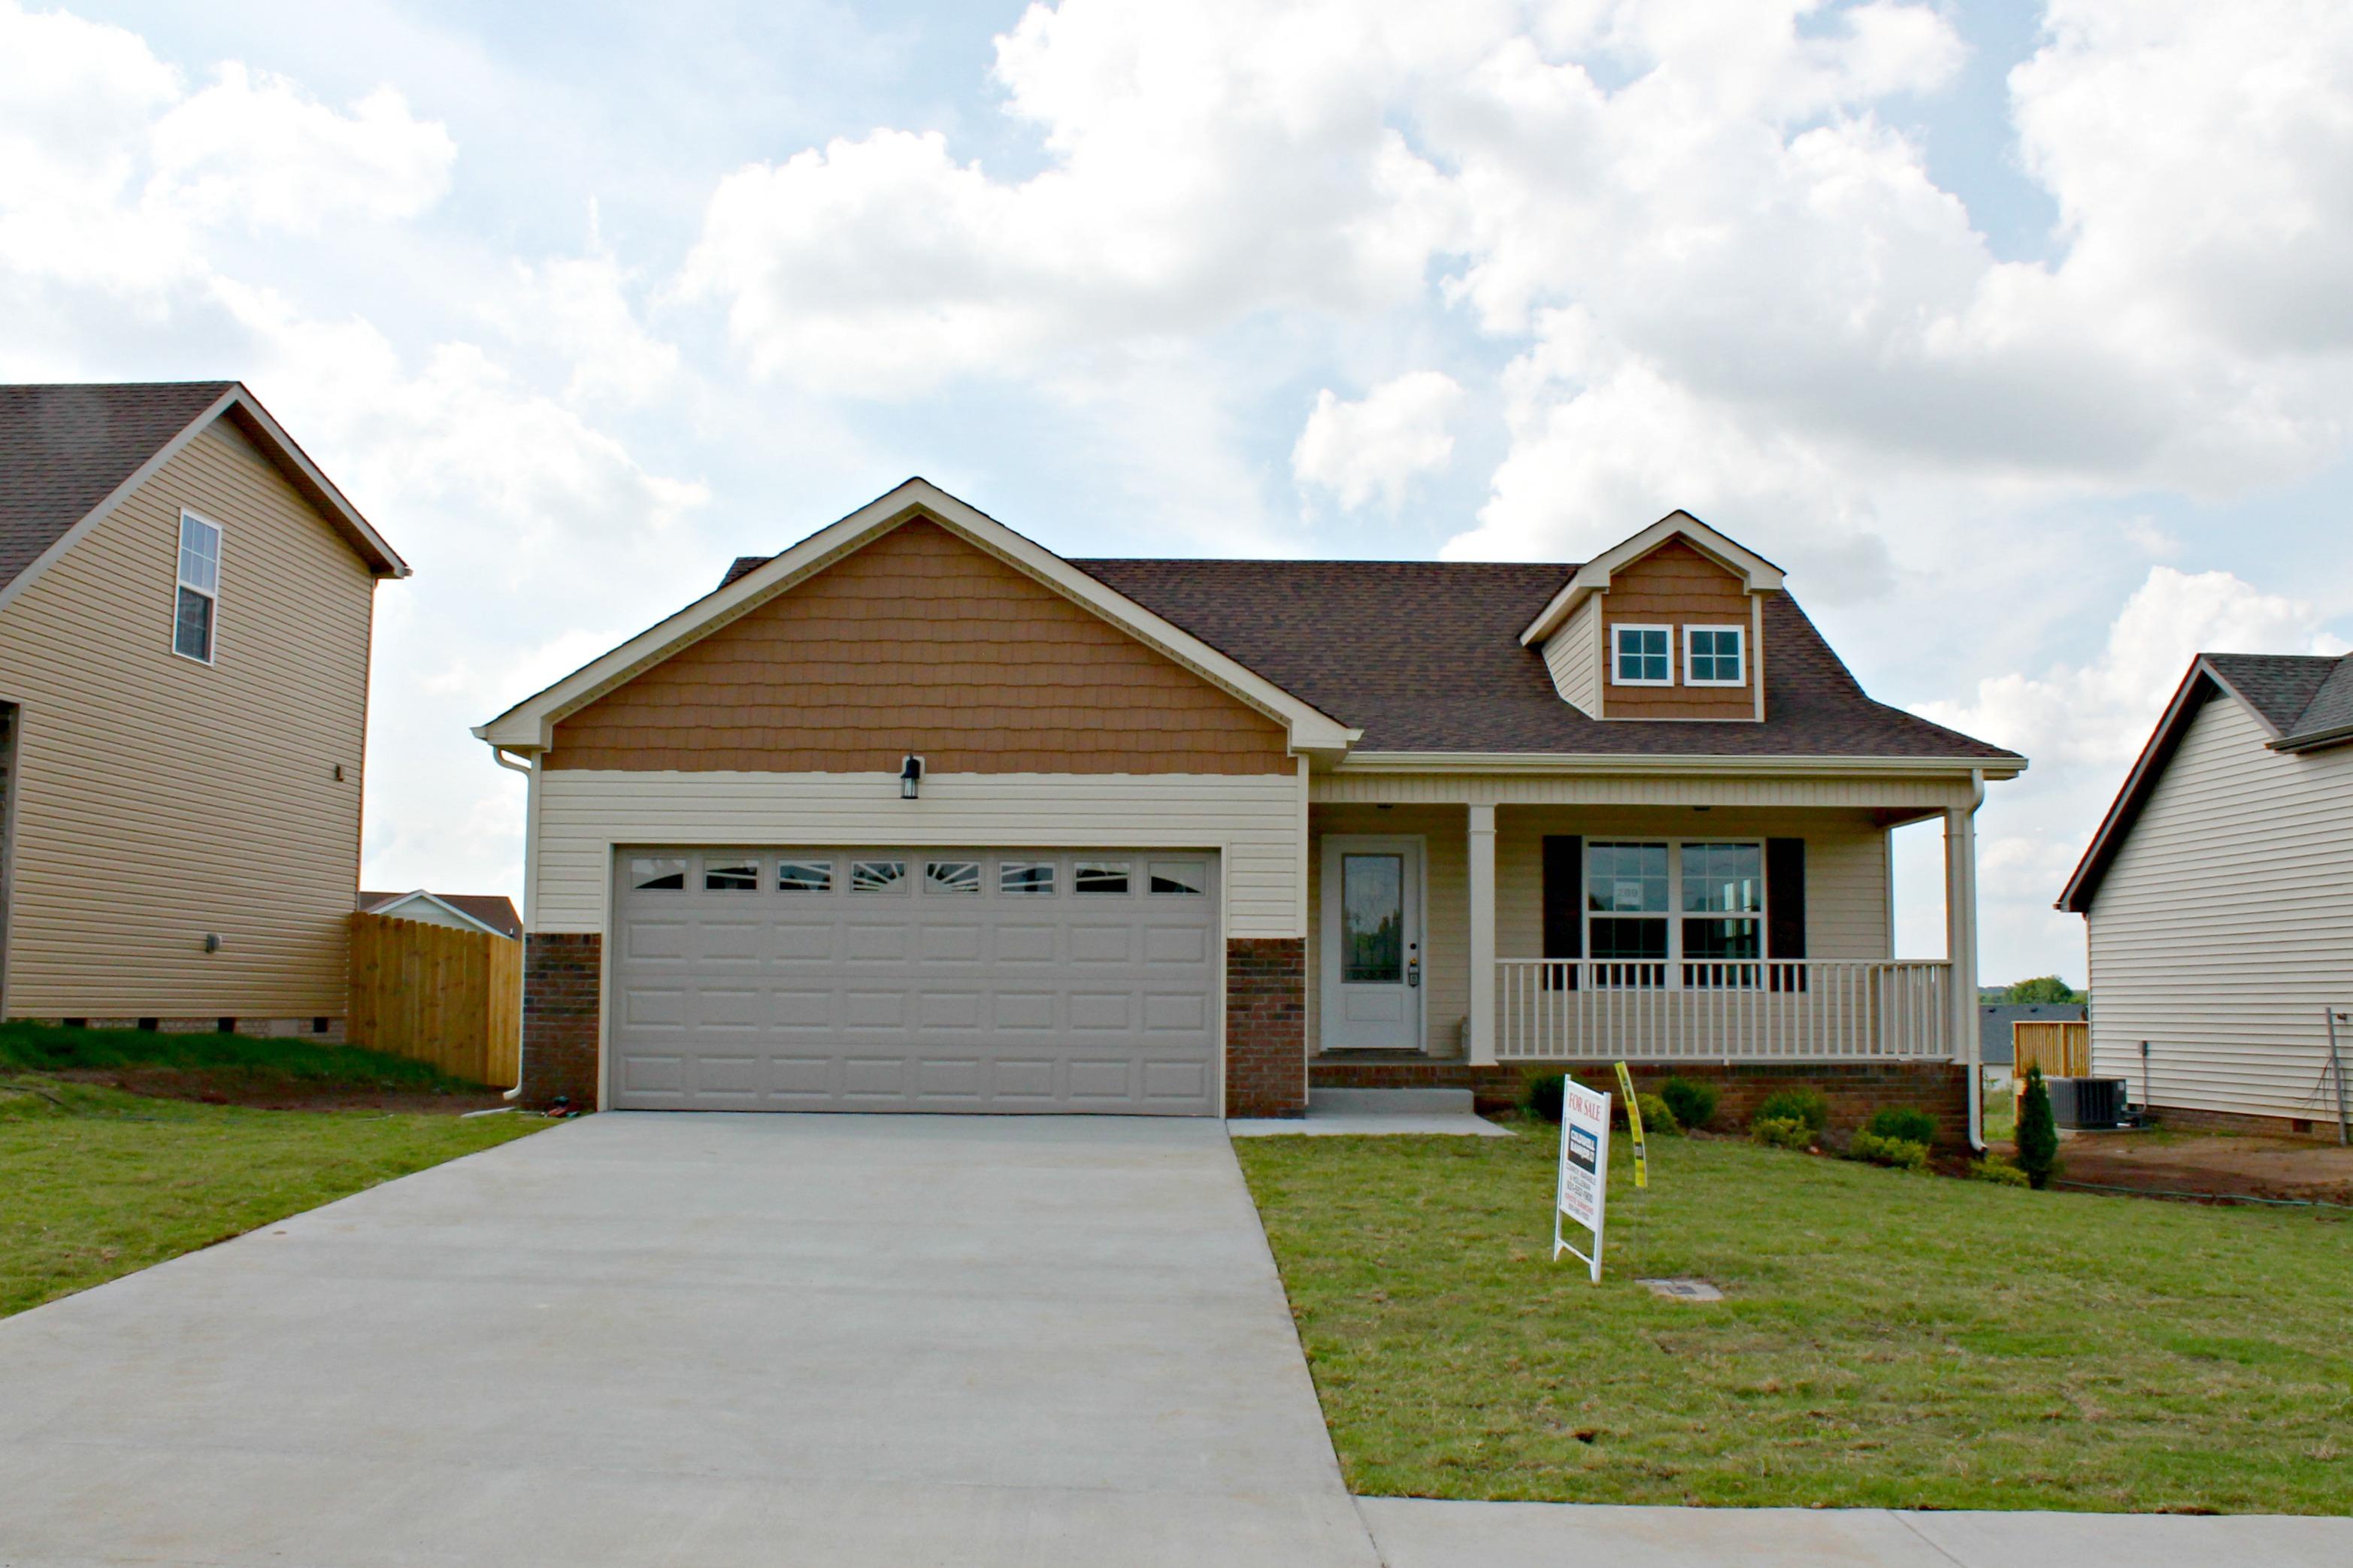 1031 Dwight Eisenhower Way Clarksville, TN 37042